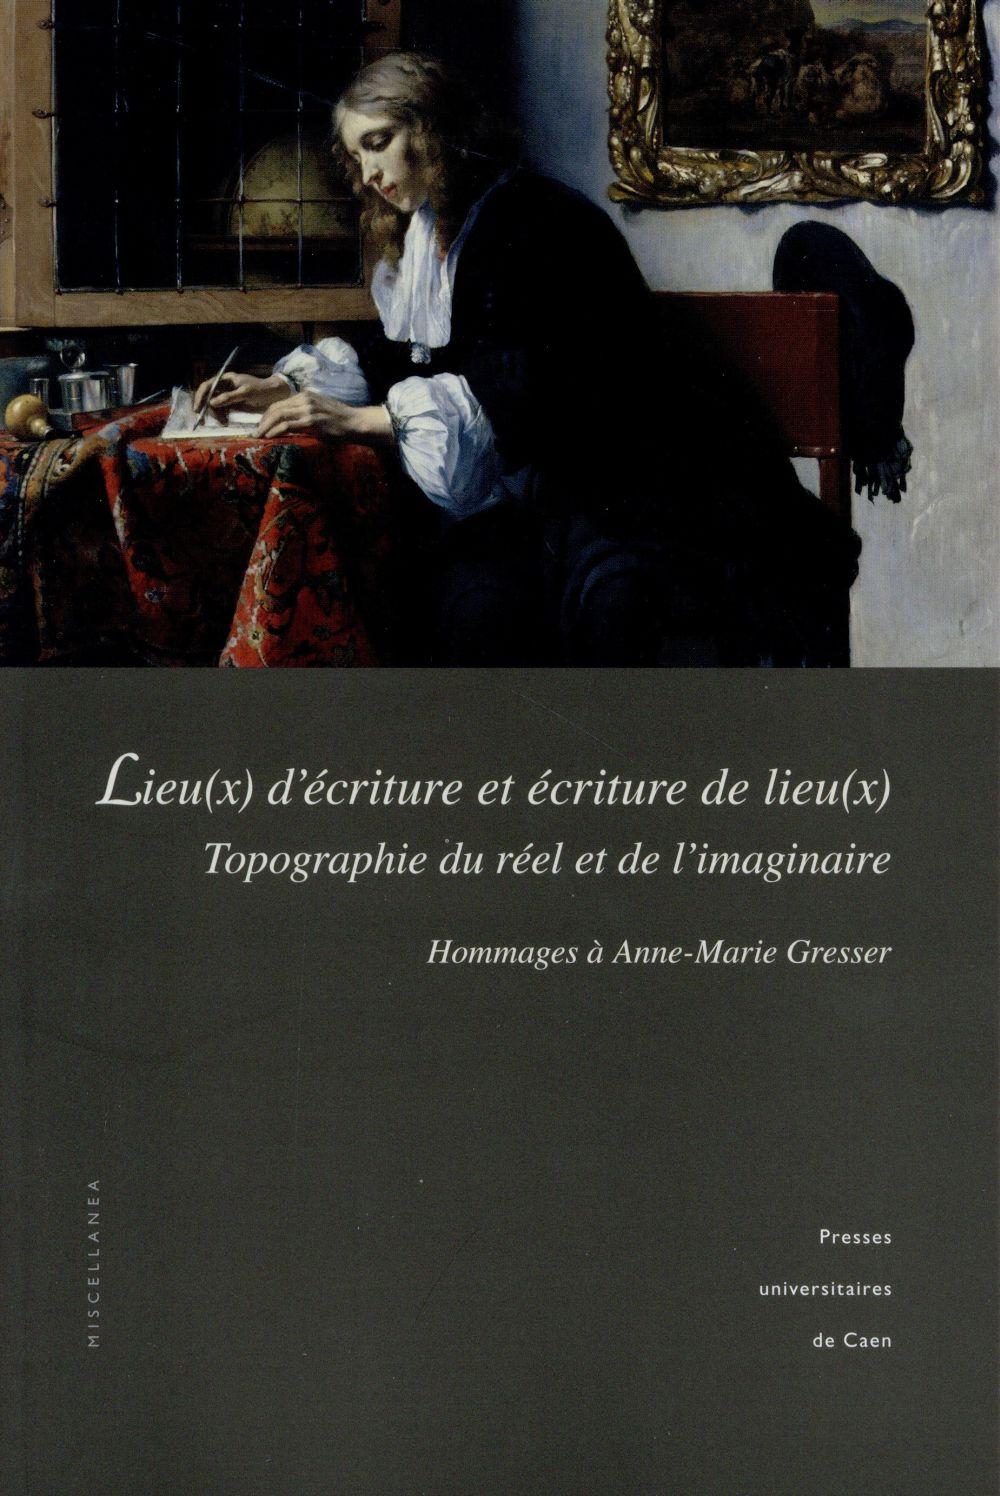 Lieu(x) d'ecriture et ecriture de lieu(x) - topographie du reel et de l'imaginaire